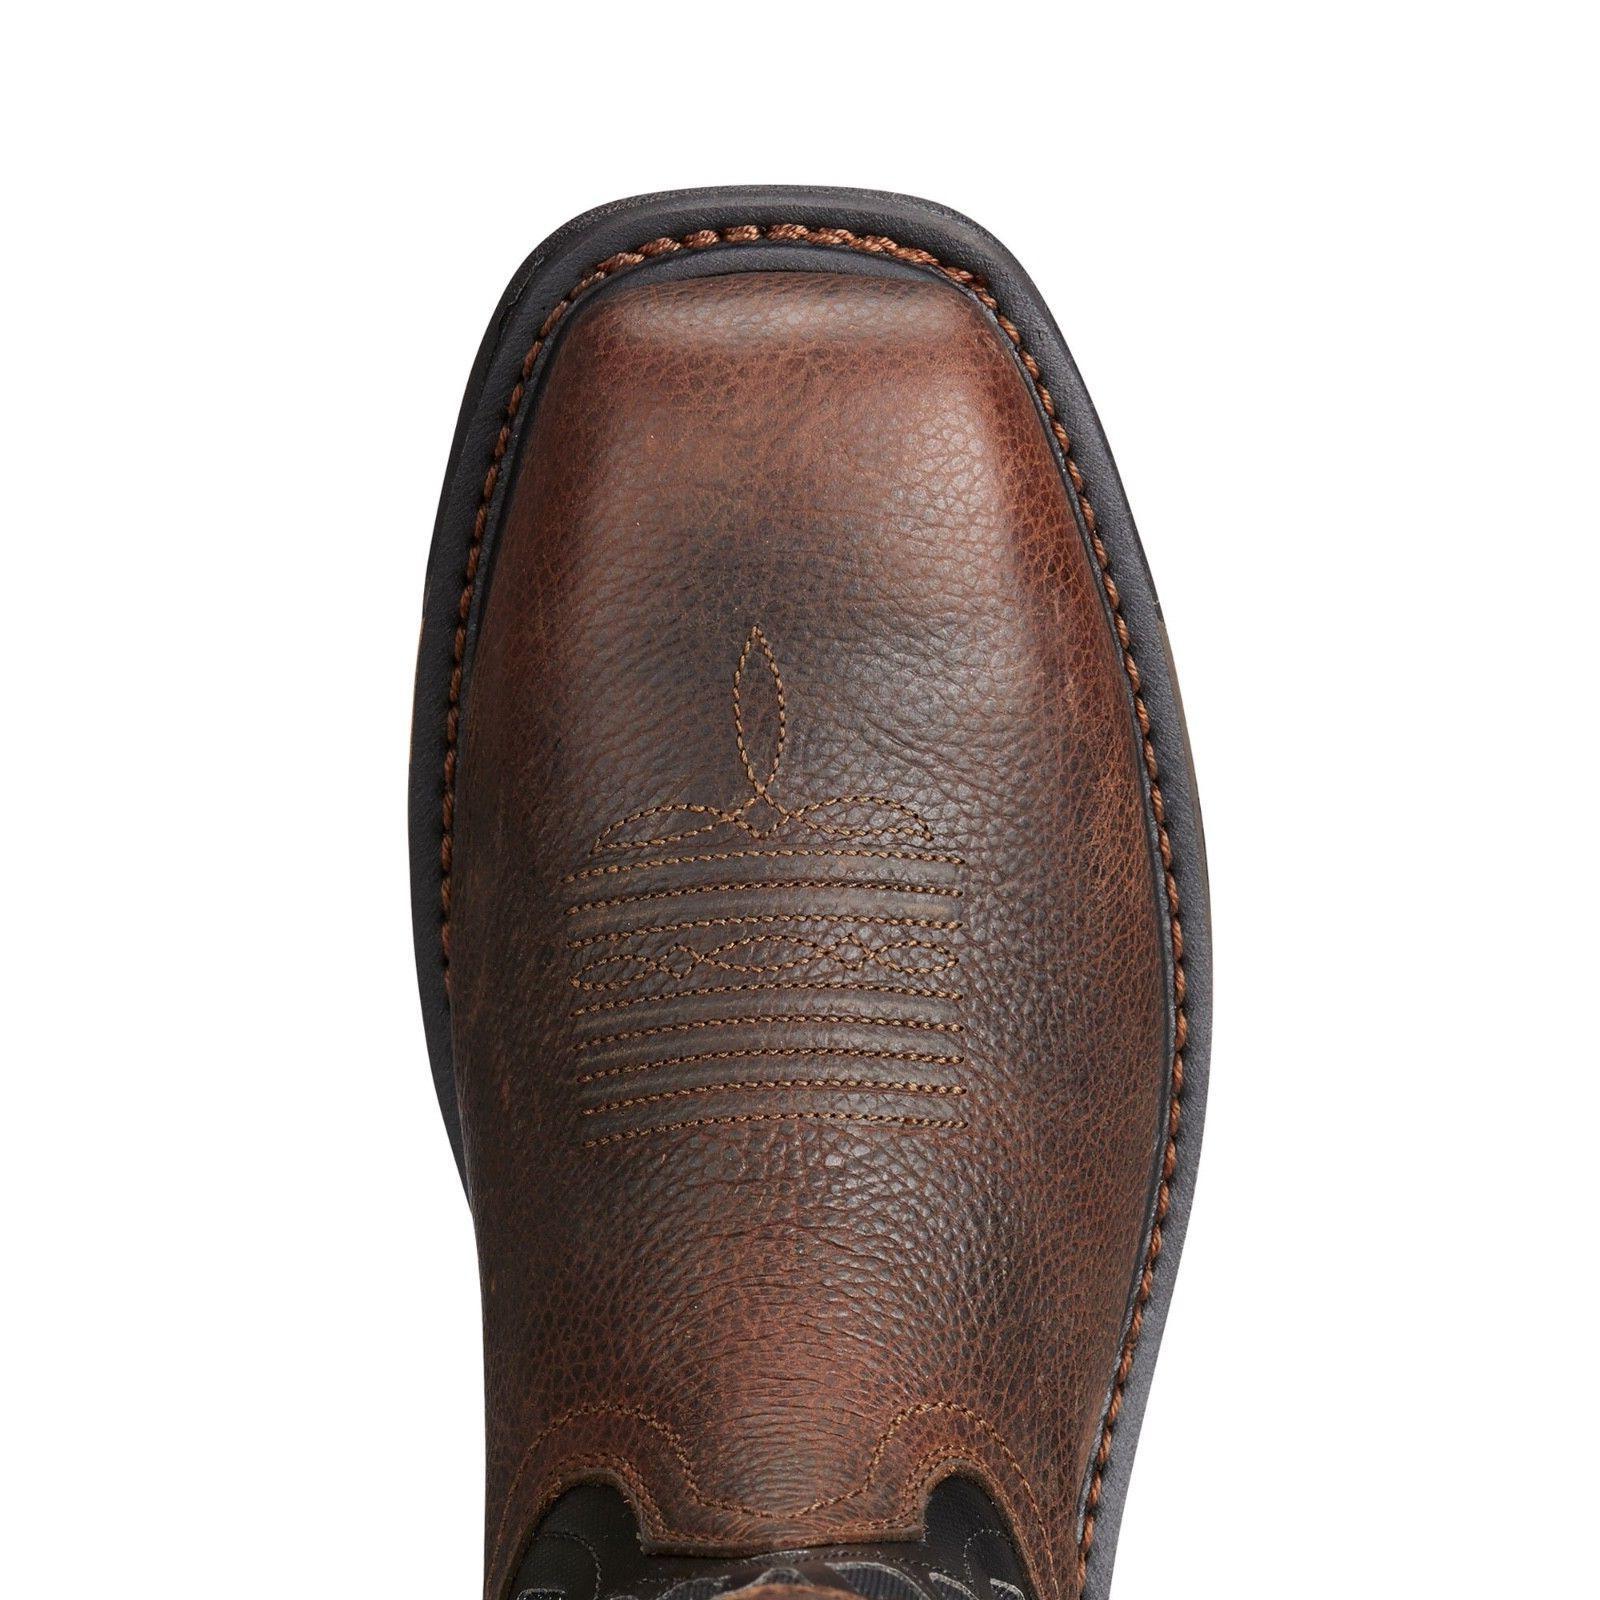 Ariat® Men's Workhog Matrix Brown Black Work